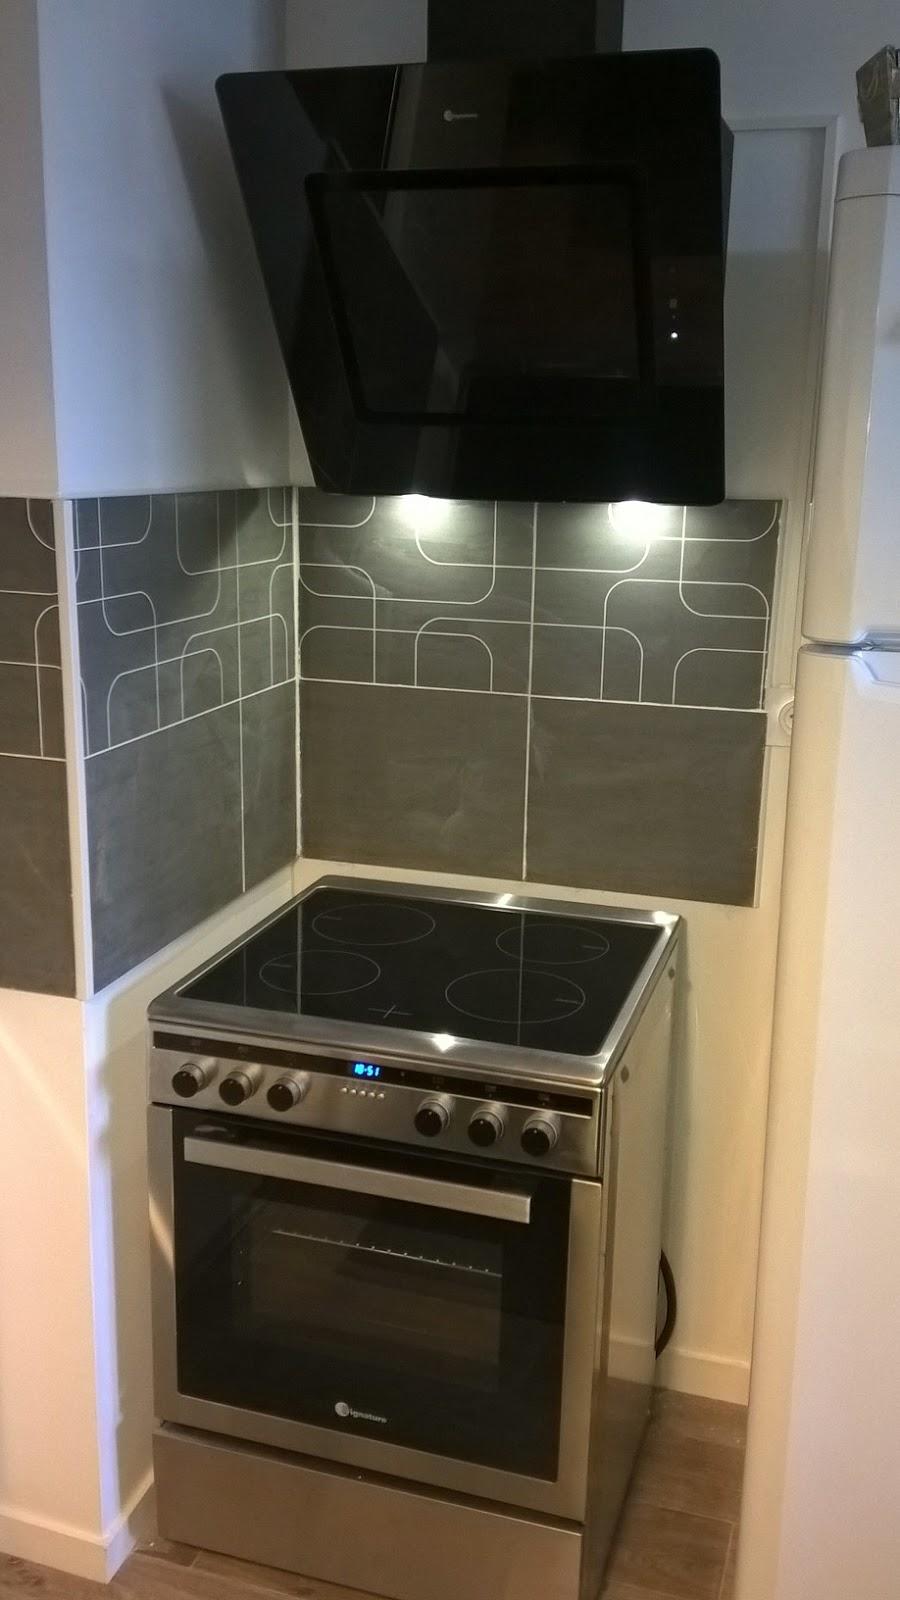 B t s installation et branchement four et plaque electrique hotte aspirant - Branchement electrique hotte de cuisine ...